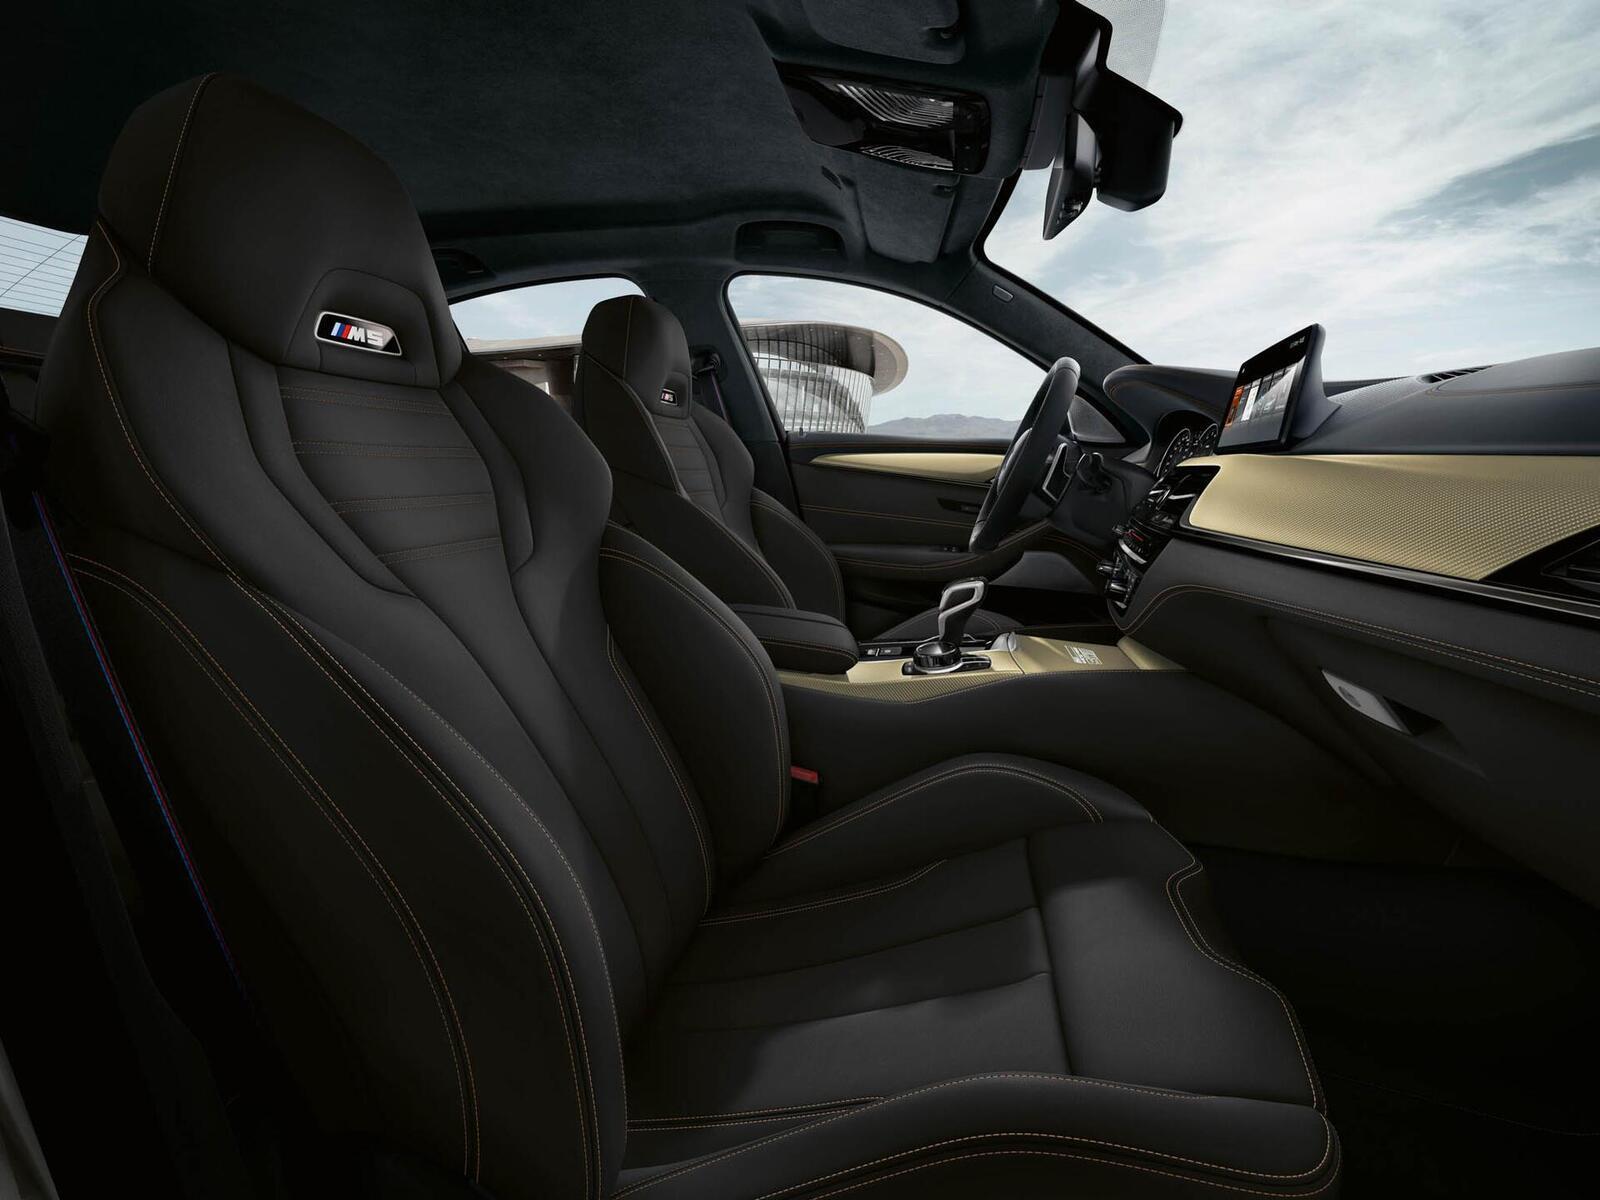 """Phiên bản đặc biệt của BMW tên M5 """"Edition 35 Jahre"""" được sản xuất giới hạn chỉ 350 chiếc - Hình 5"""